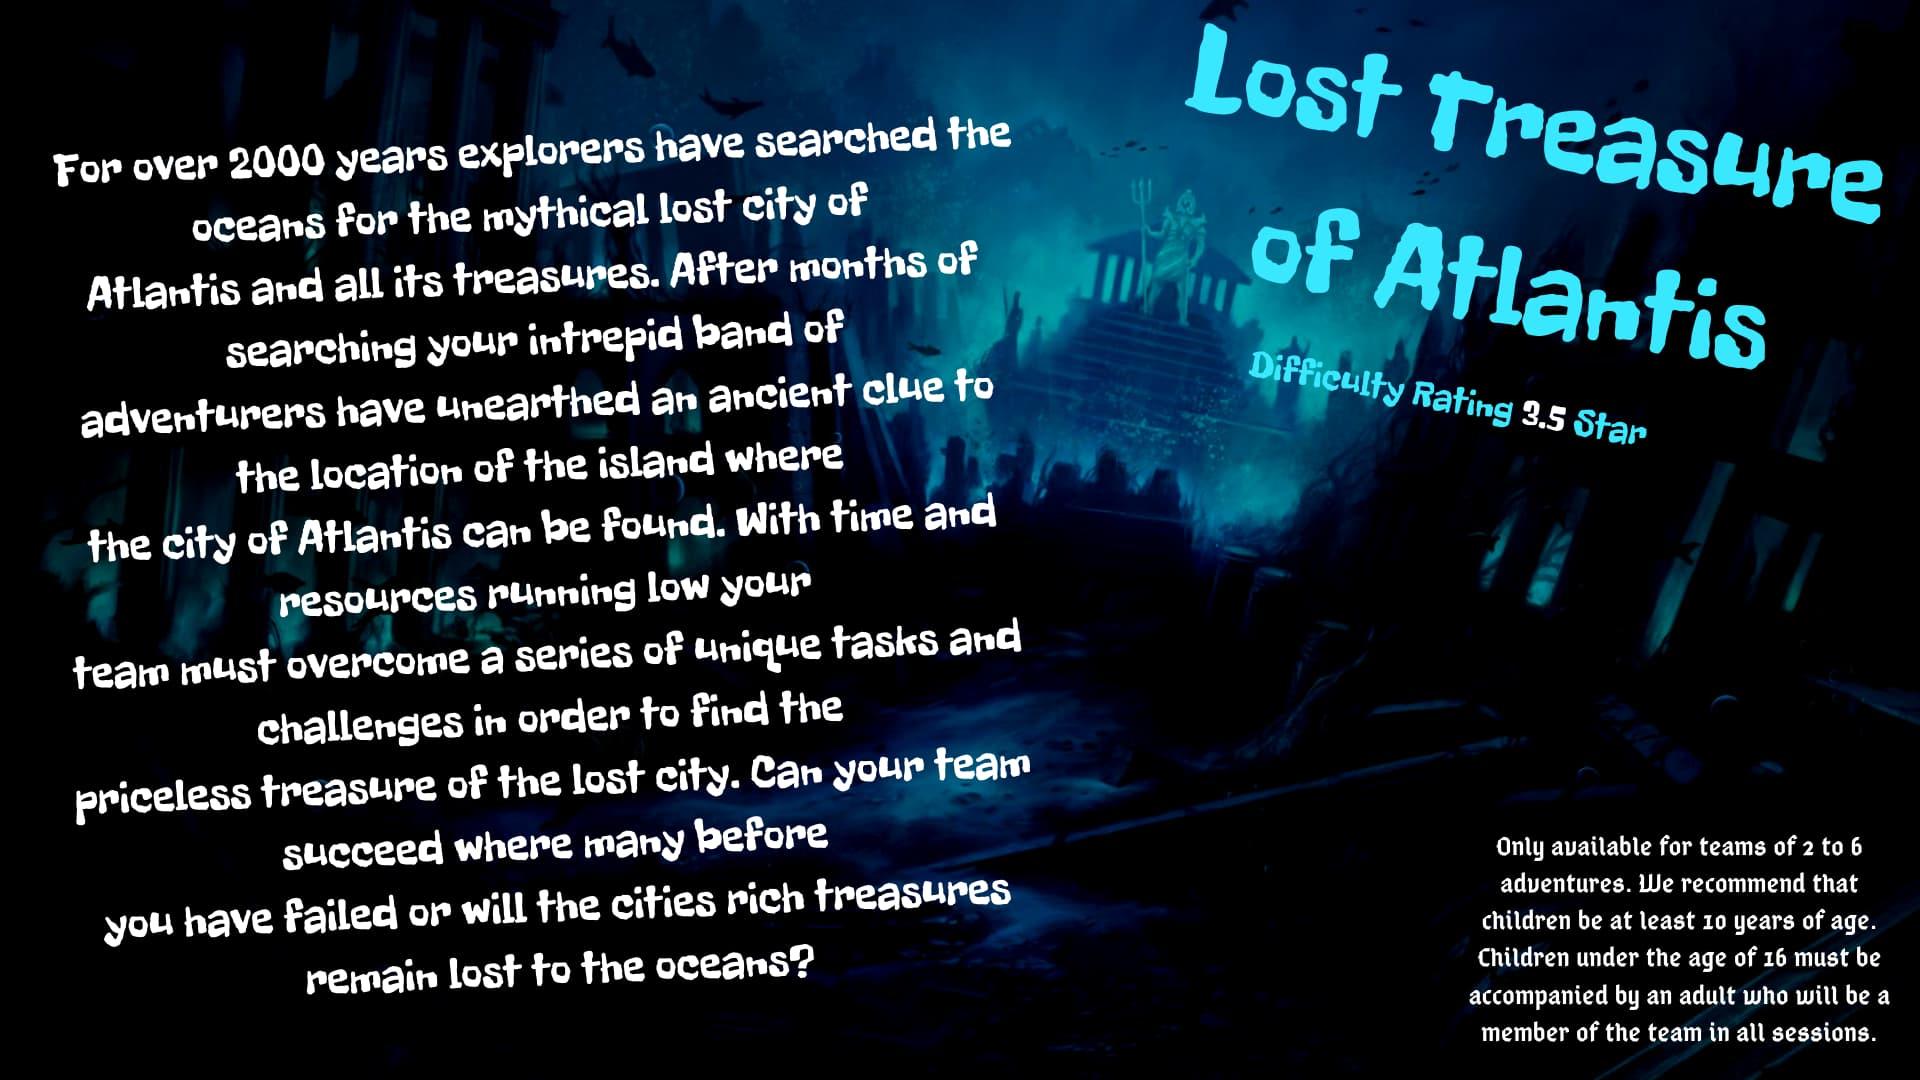 Lost Treasures of Atlantis Escape Room